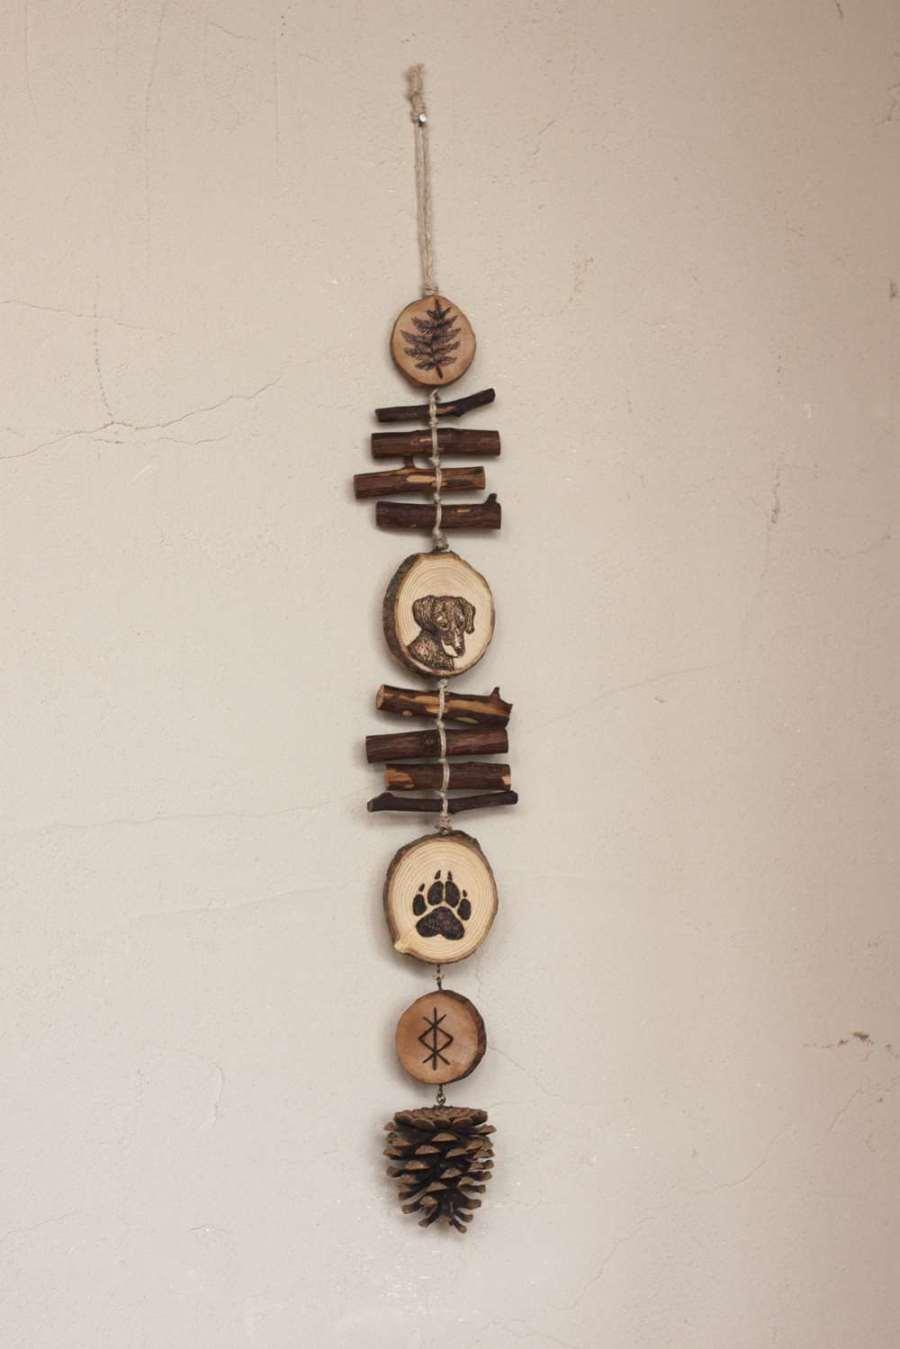 Guirlande verticale chien portrait en bois et chanvre bio, décoration personnalisable, animaux, artisanat français écoresponsable, atelier de La lettre aux ours, Missive to Bears